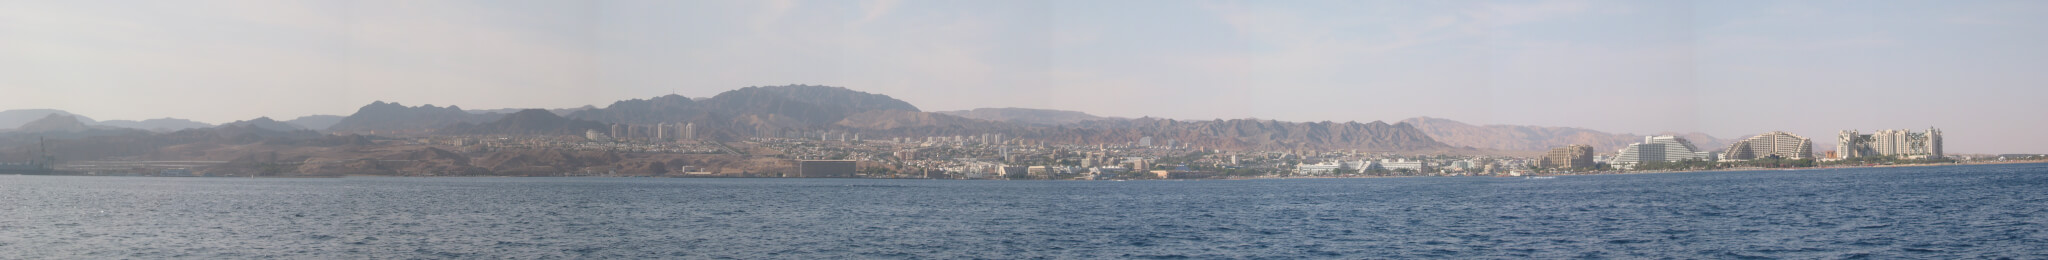 Panoramablick auf den Golf von Elat